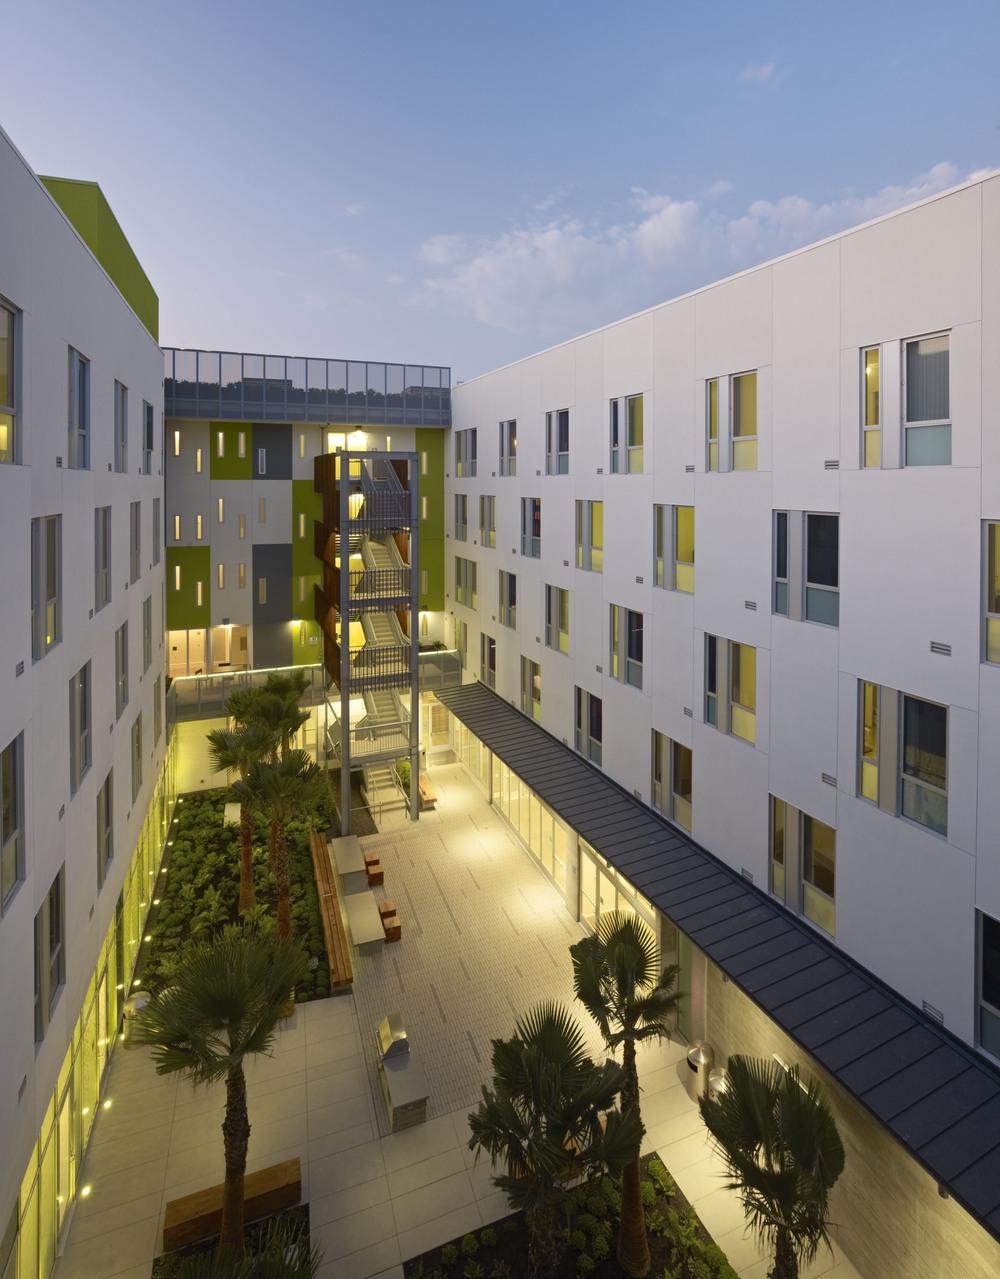 Richardson Apartments Andrea Cochran Landscape Architecture